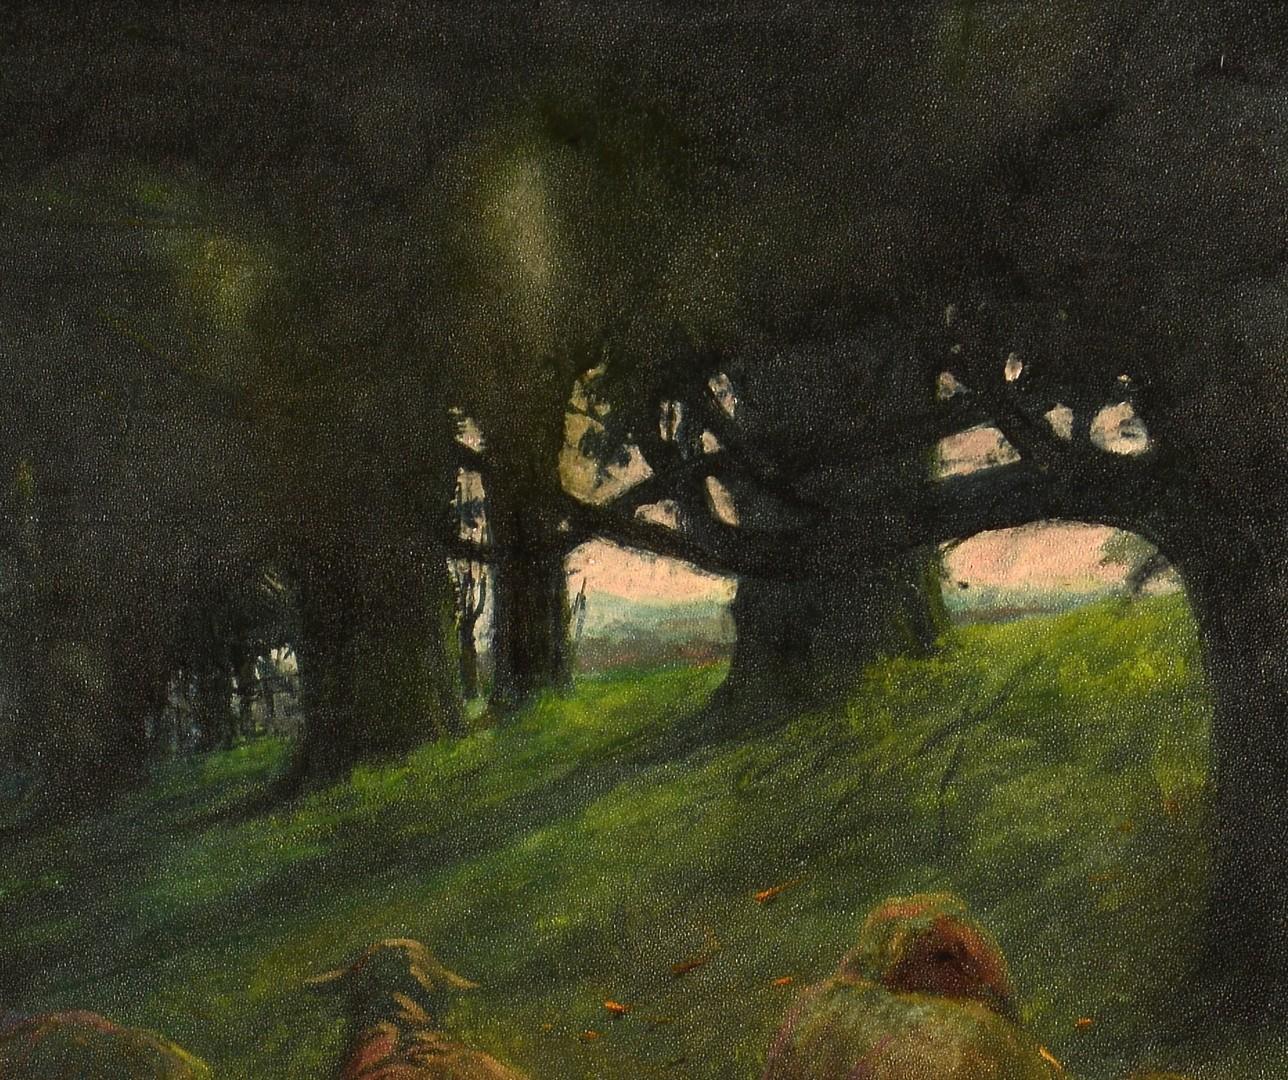 Lot 129: J. W. Wallace, East TN Landscape